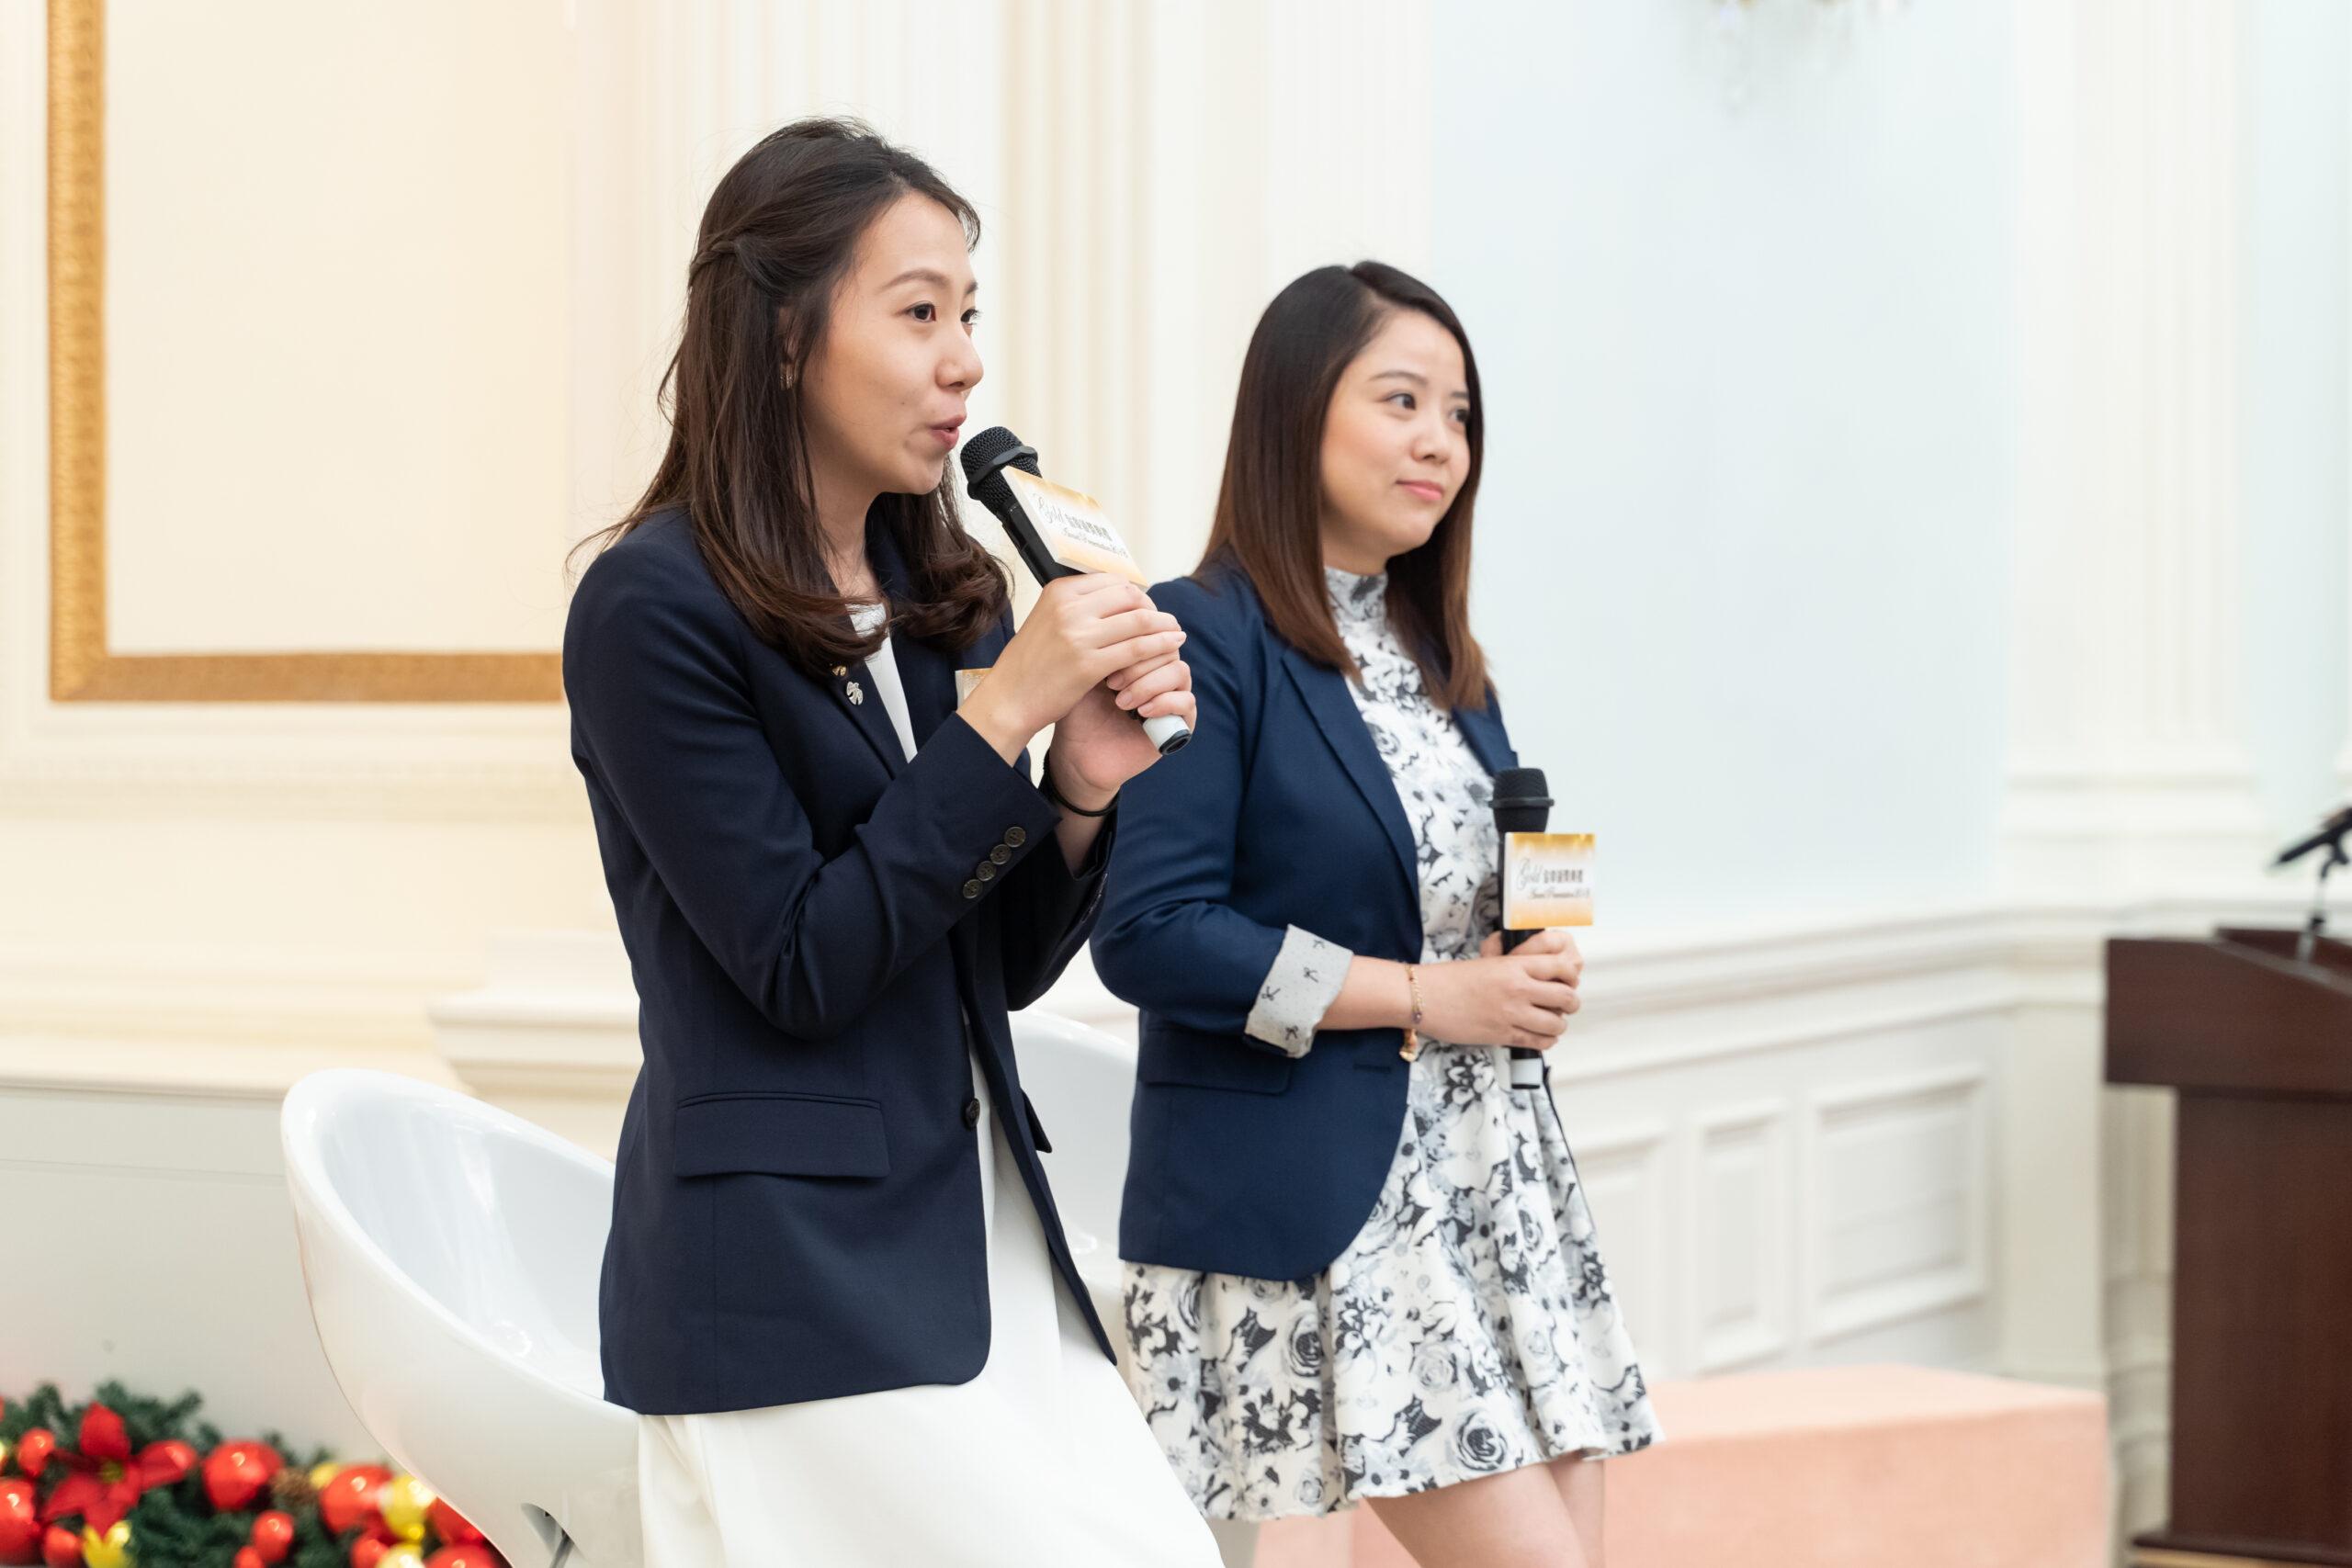 「閉門族」成功挑戰香港青年獎勵計劃金章與 香港特別行政區行政長官會面分享蛻變經歷